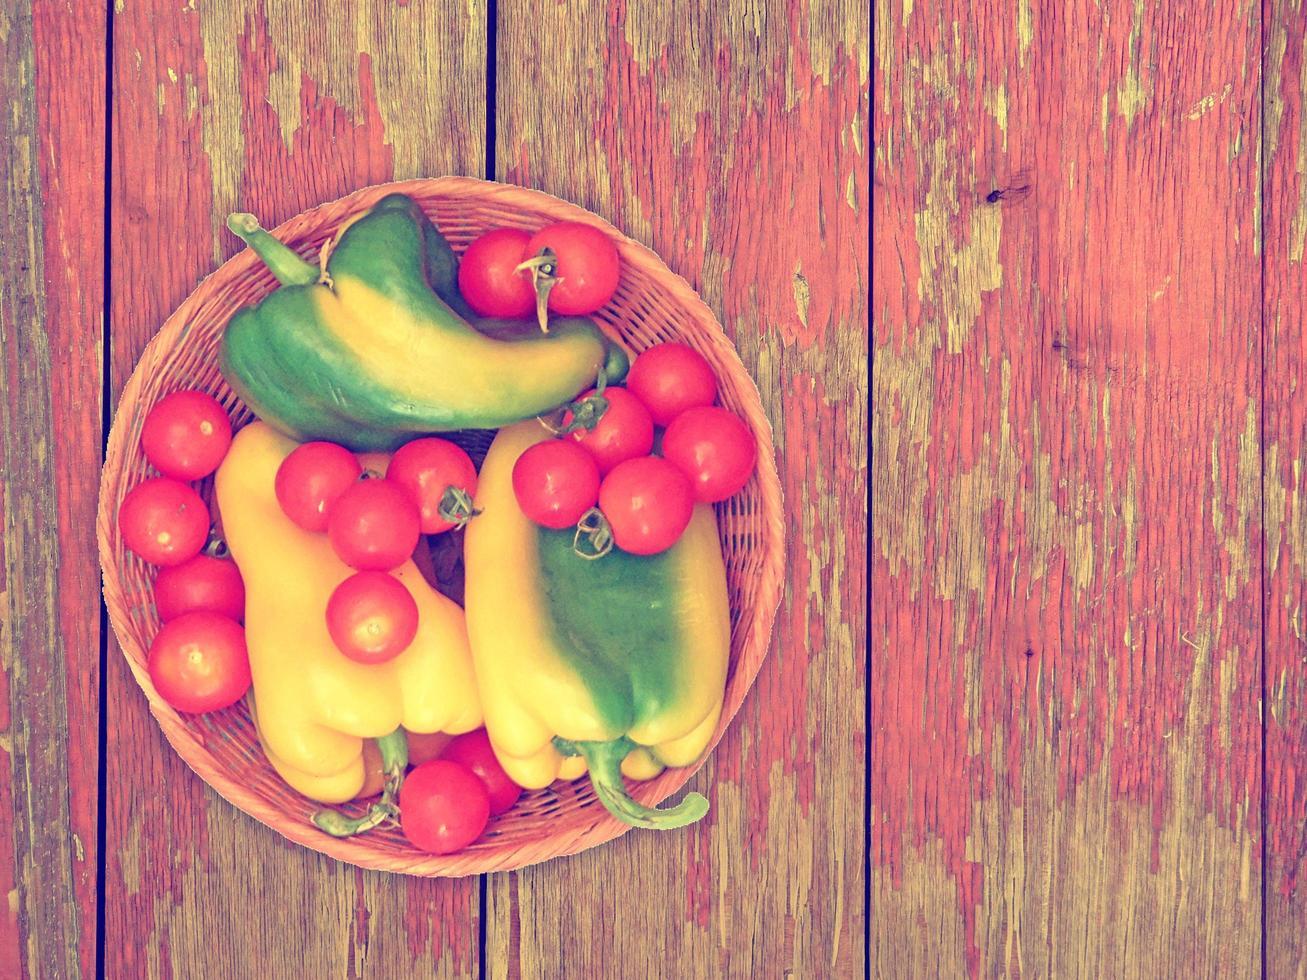 légumes sur fond de bois photo